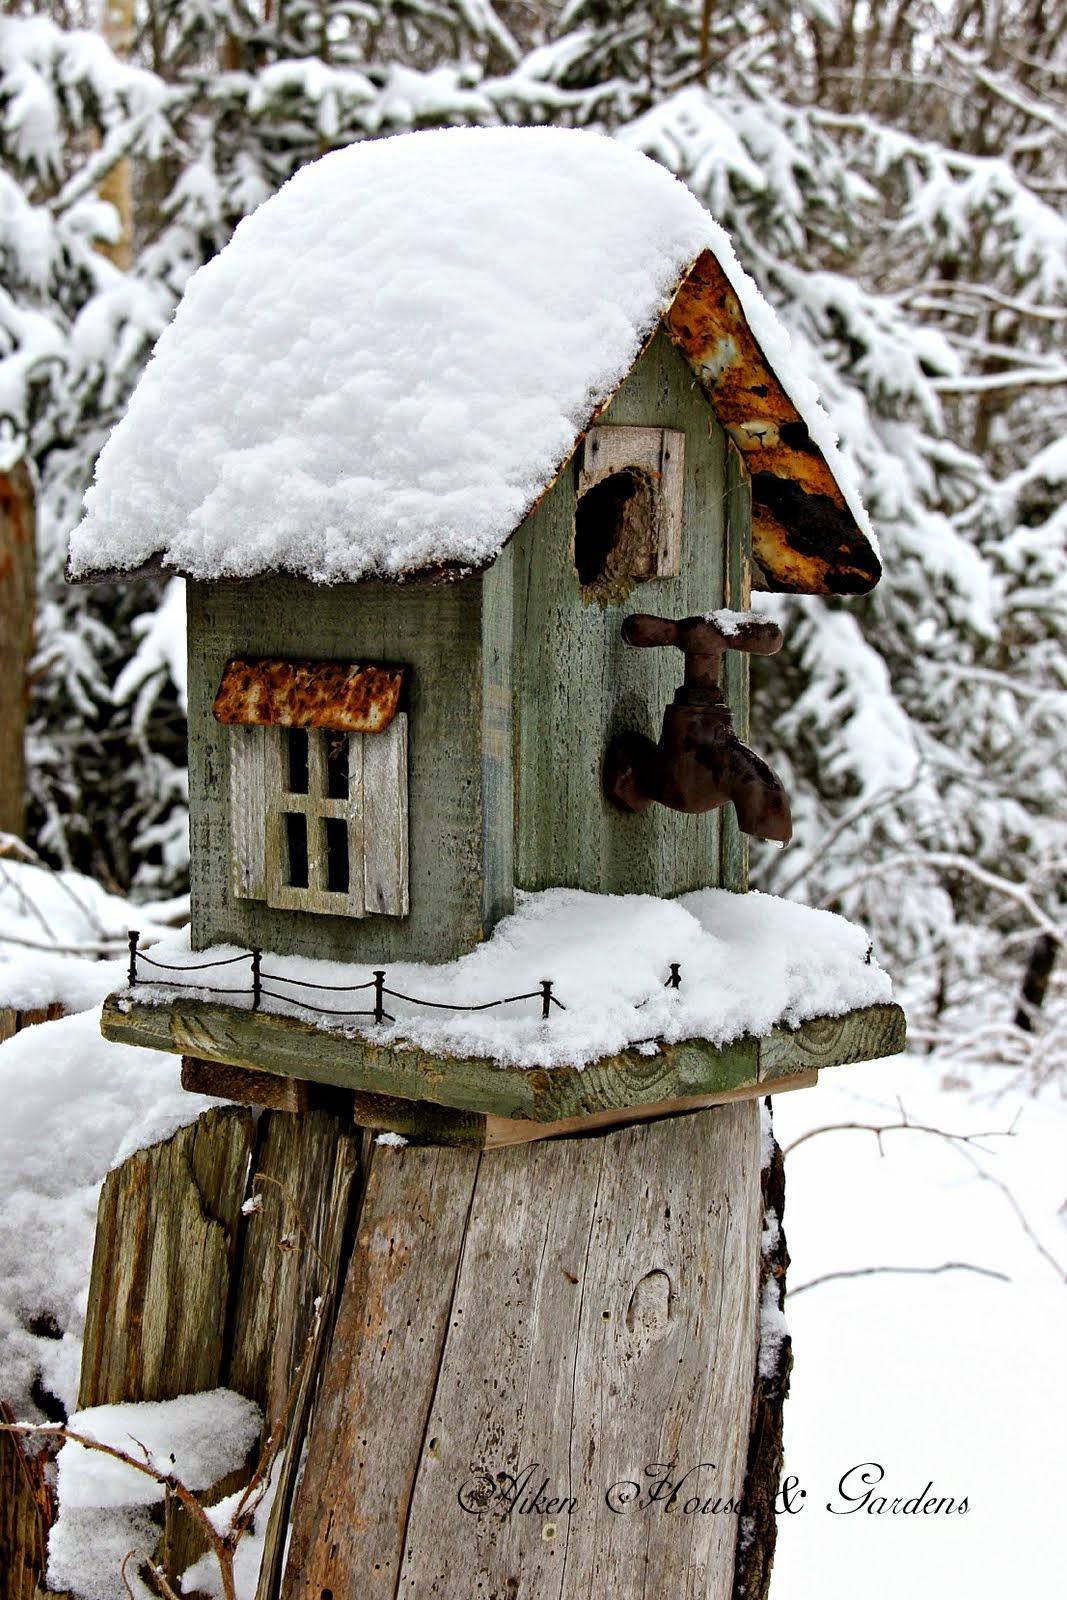 Aiken house gardens our winter garden for Aiken house